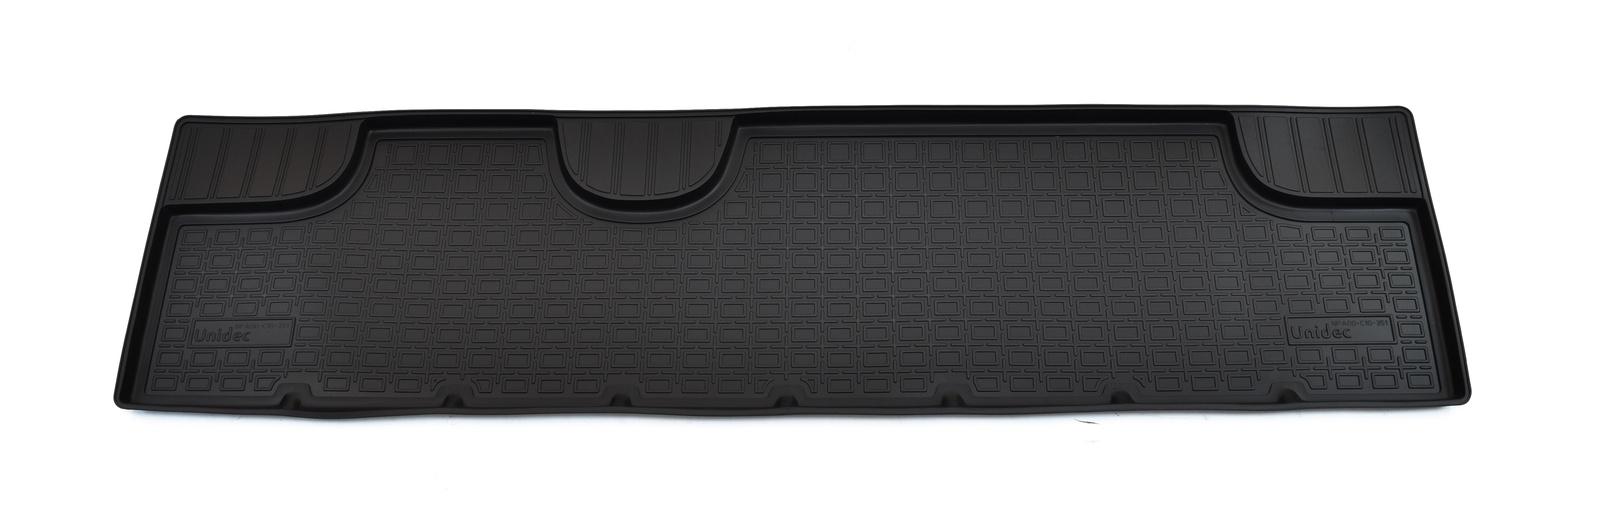 купить Коврики в салон Norplast для Chevrolet Tahoe 2014 3 ряд, для Cadillac Escalade 2014 3 ряд, NPA00-C10-351, черный по цене 690 рублей